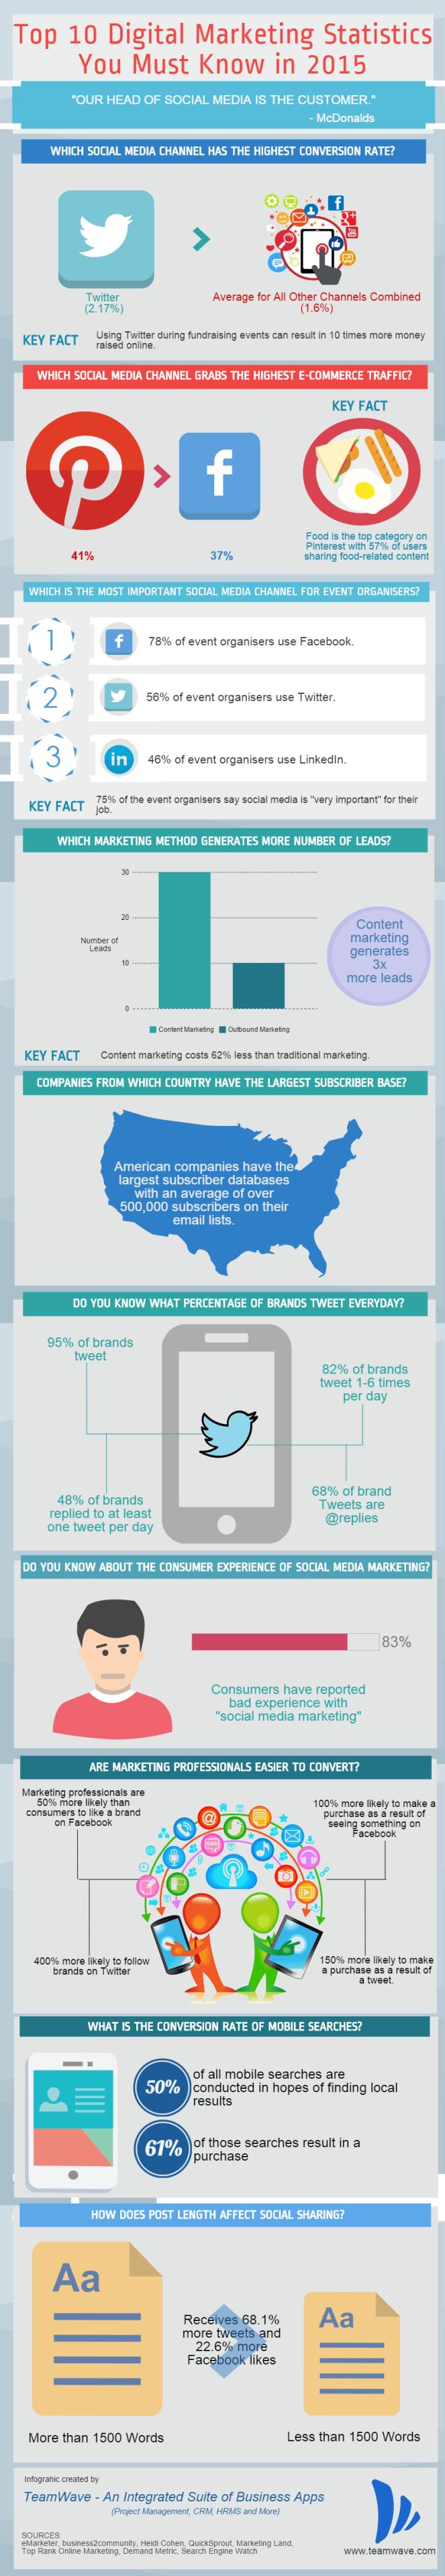 Top Digital Marketing Stats